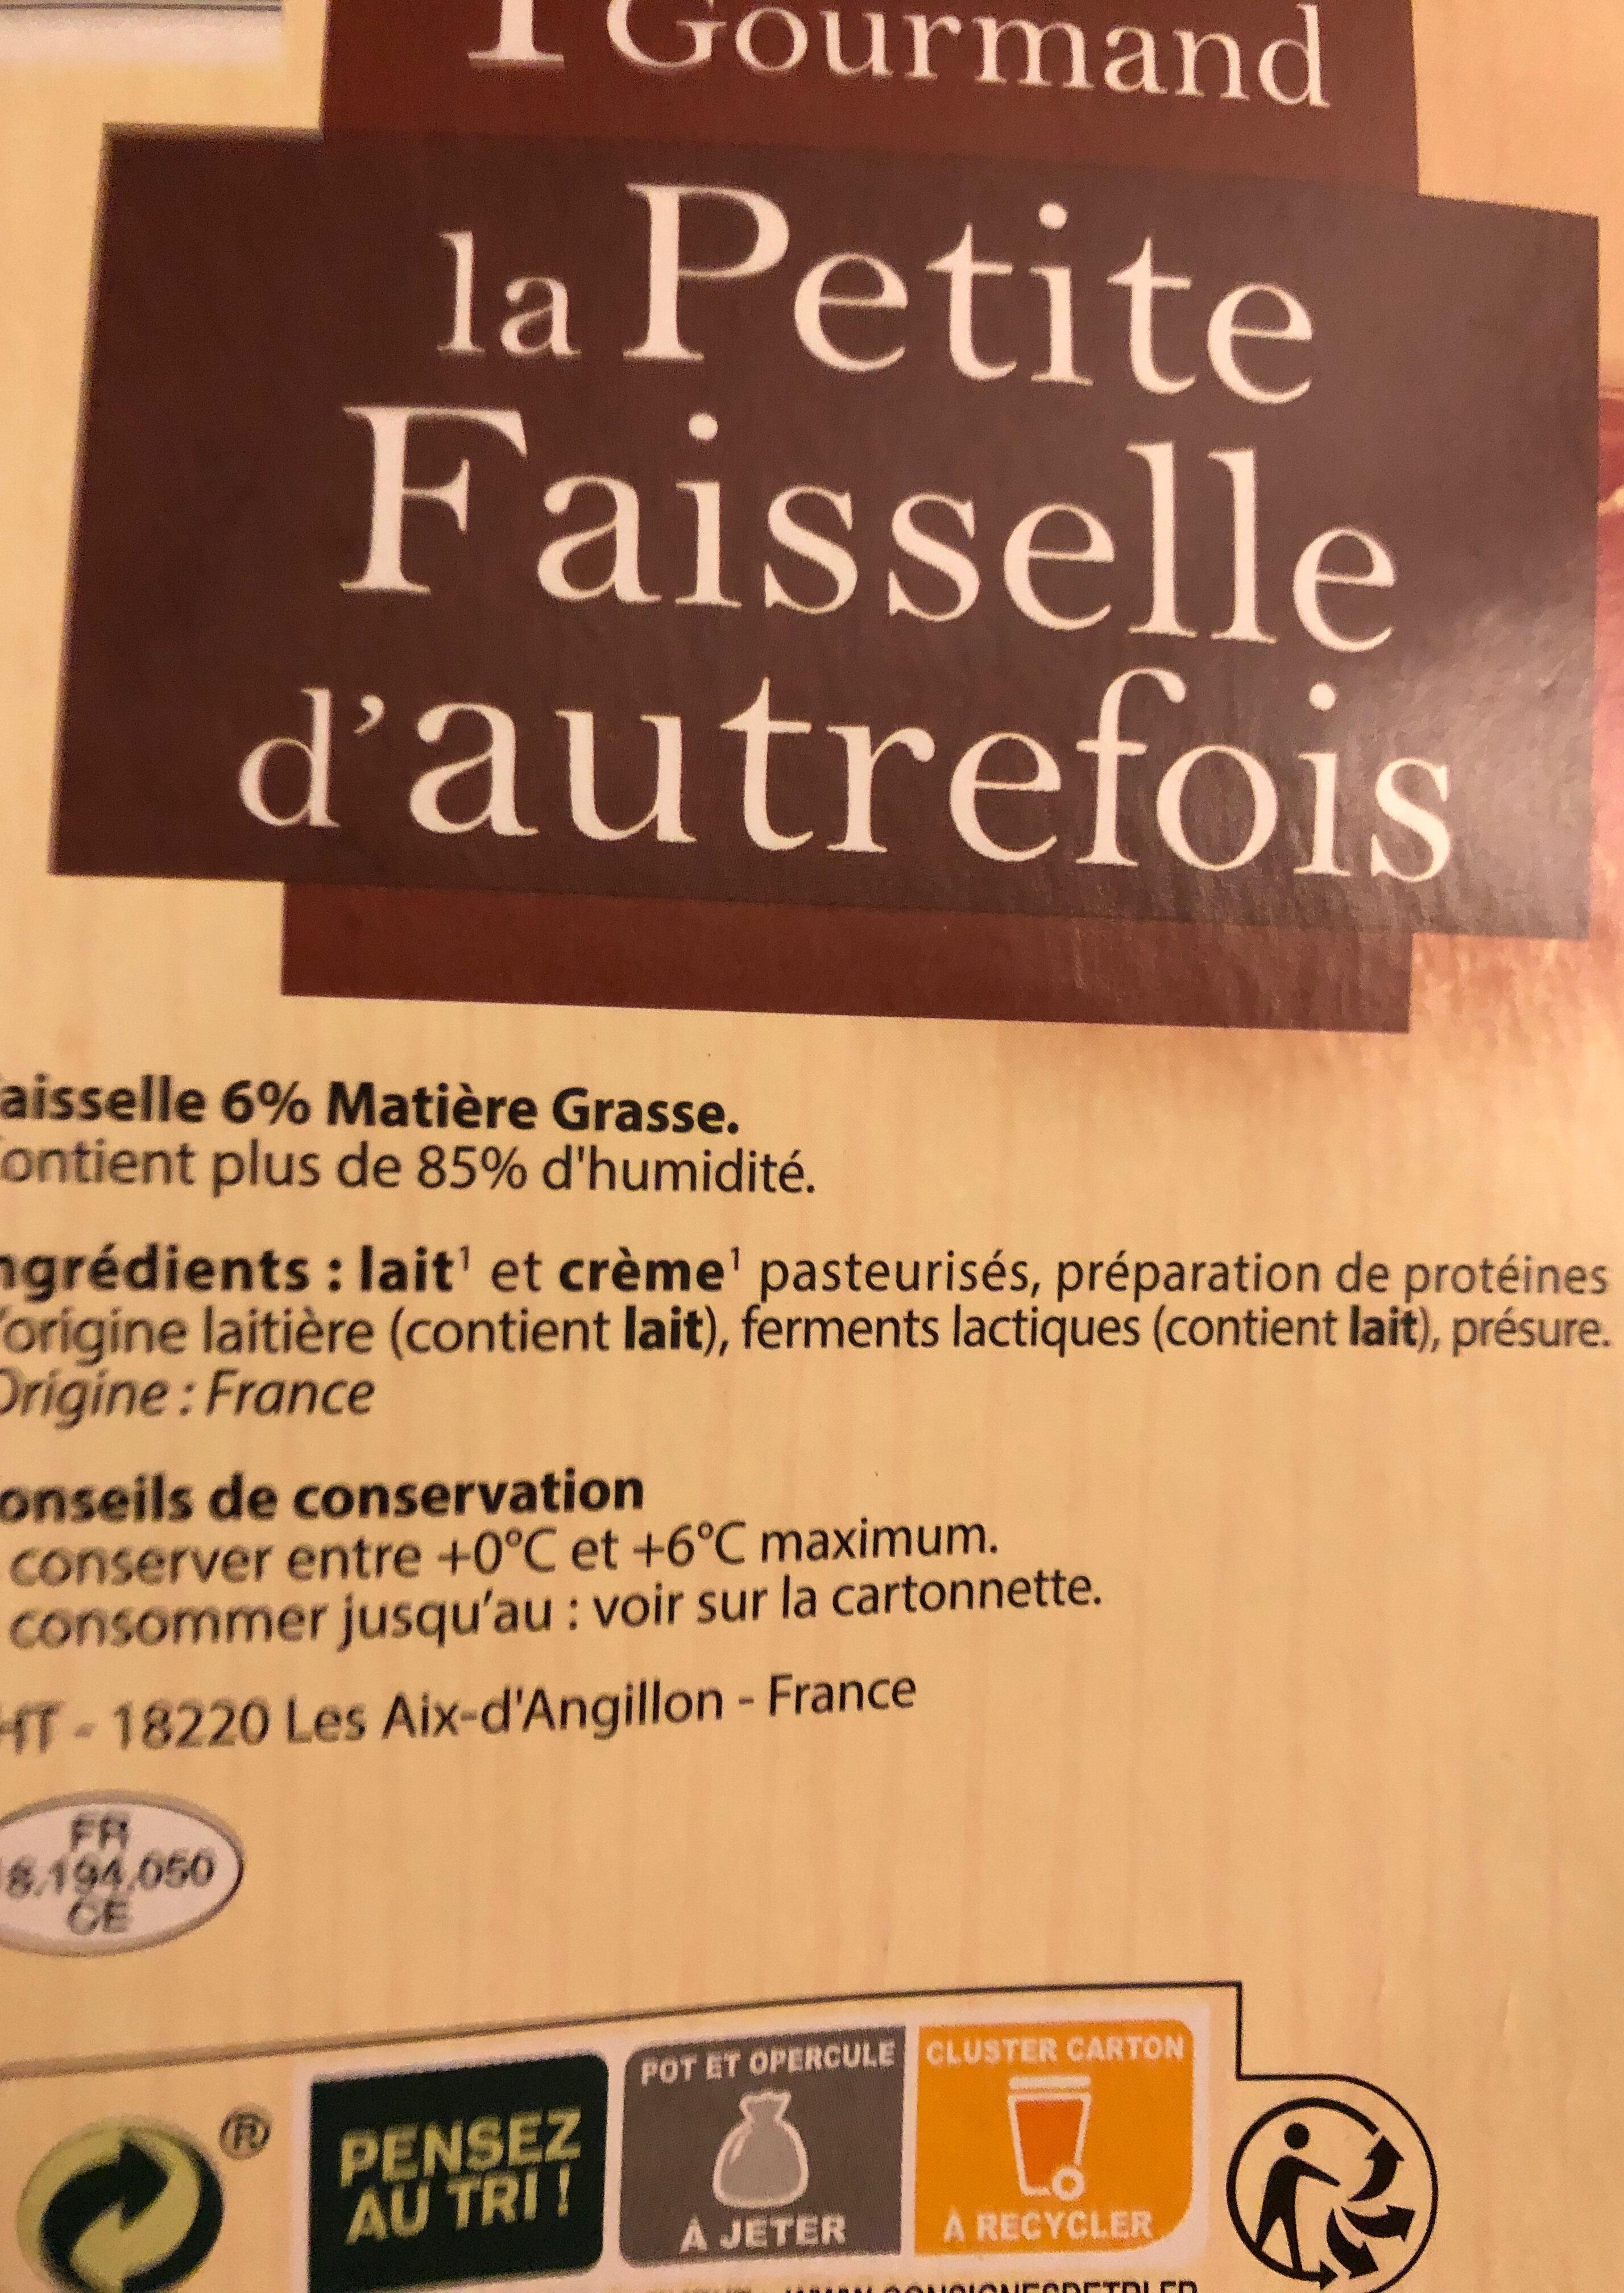 La petite faisselle d'autrefois - Ingredienti - fr